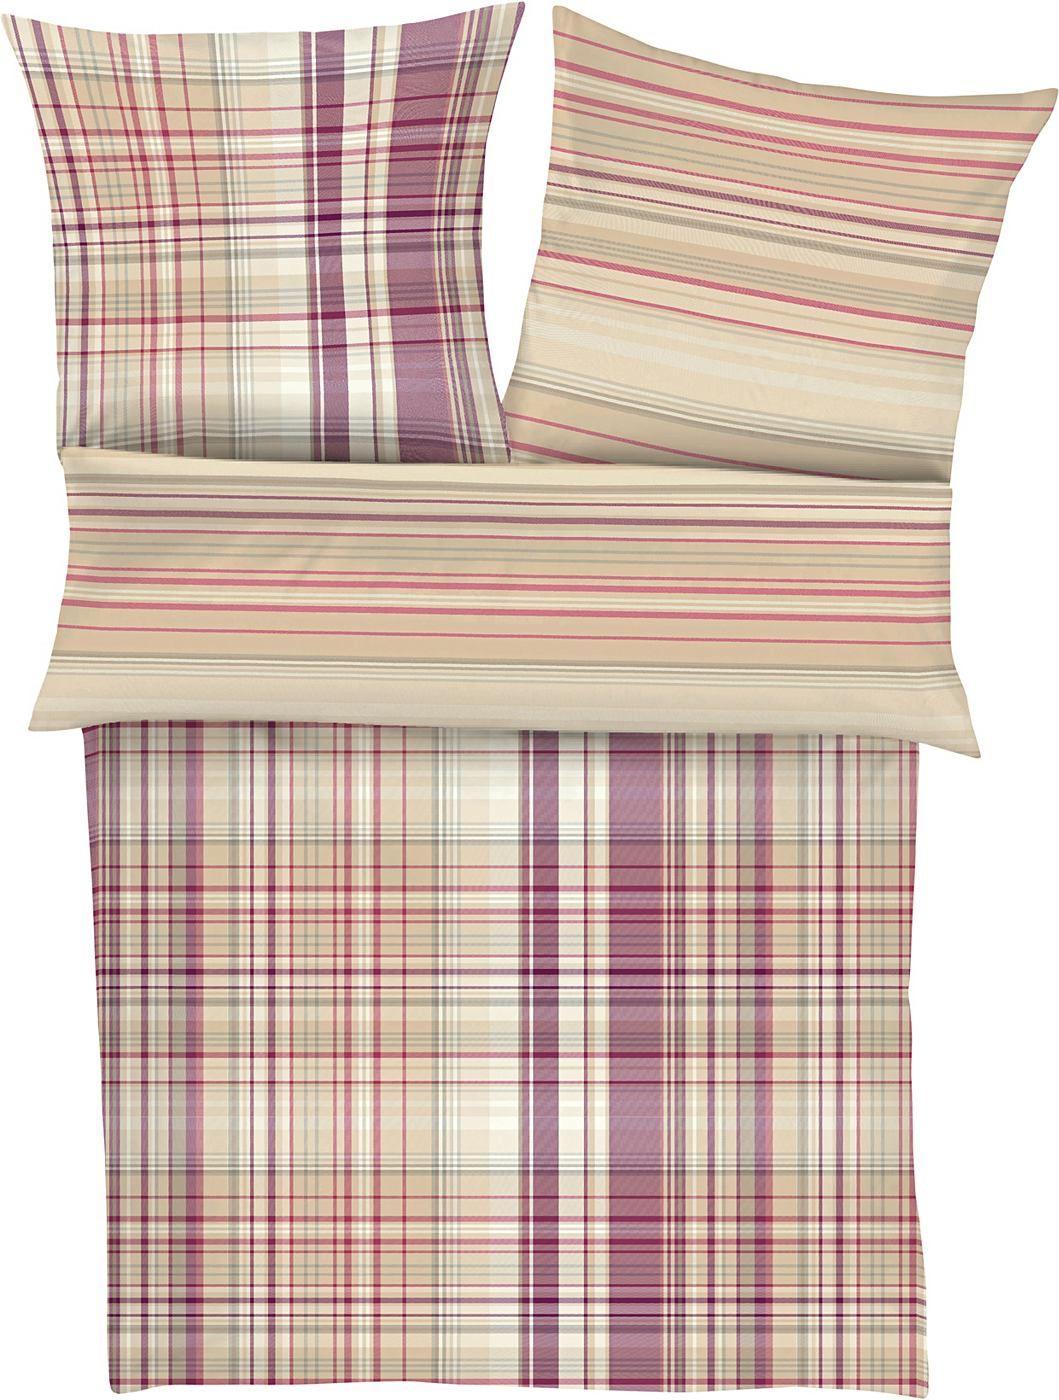 Kuschelweiche Feinflanellbettwäsche »Balu« der Marke s.Oliver, die Sie wunderbar schläfen lässt. Holen Sie sich den perfekten Begleiter für kalte Nächte zu sich nach Hause und kuscheln Sie sich in das hautfreundliche Material aus 100% Baumwolle. Das schöne Streifendesign aus sich überkreuzenden Streifen und Linien in verschiedenen Farben ziert die Vorderseite von Kissen- und Deckenbezug. Die We...